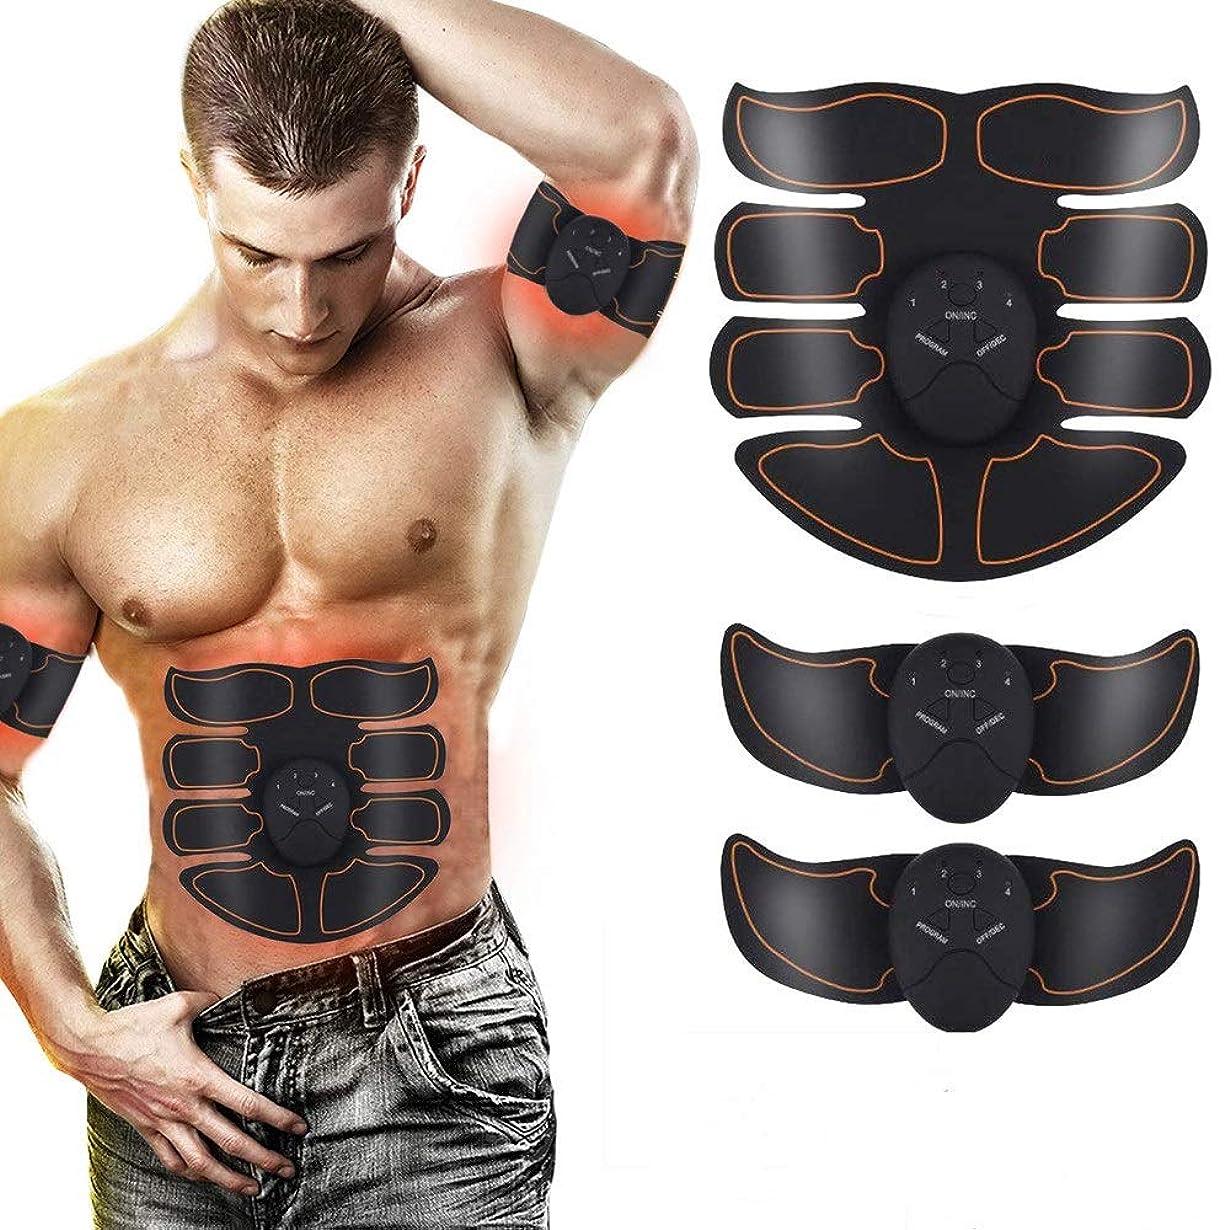 気づくデマンド傷つきやすいEMSマッスルフィットネストレーナー、8腹筋エクササイズトレーナー、腕/脚用のバッテリー式脂肪燃焼、男性および女性の減量装置用の6モードトレーニングファミリーポータブル